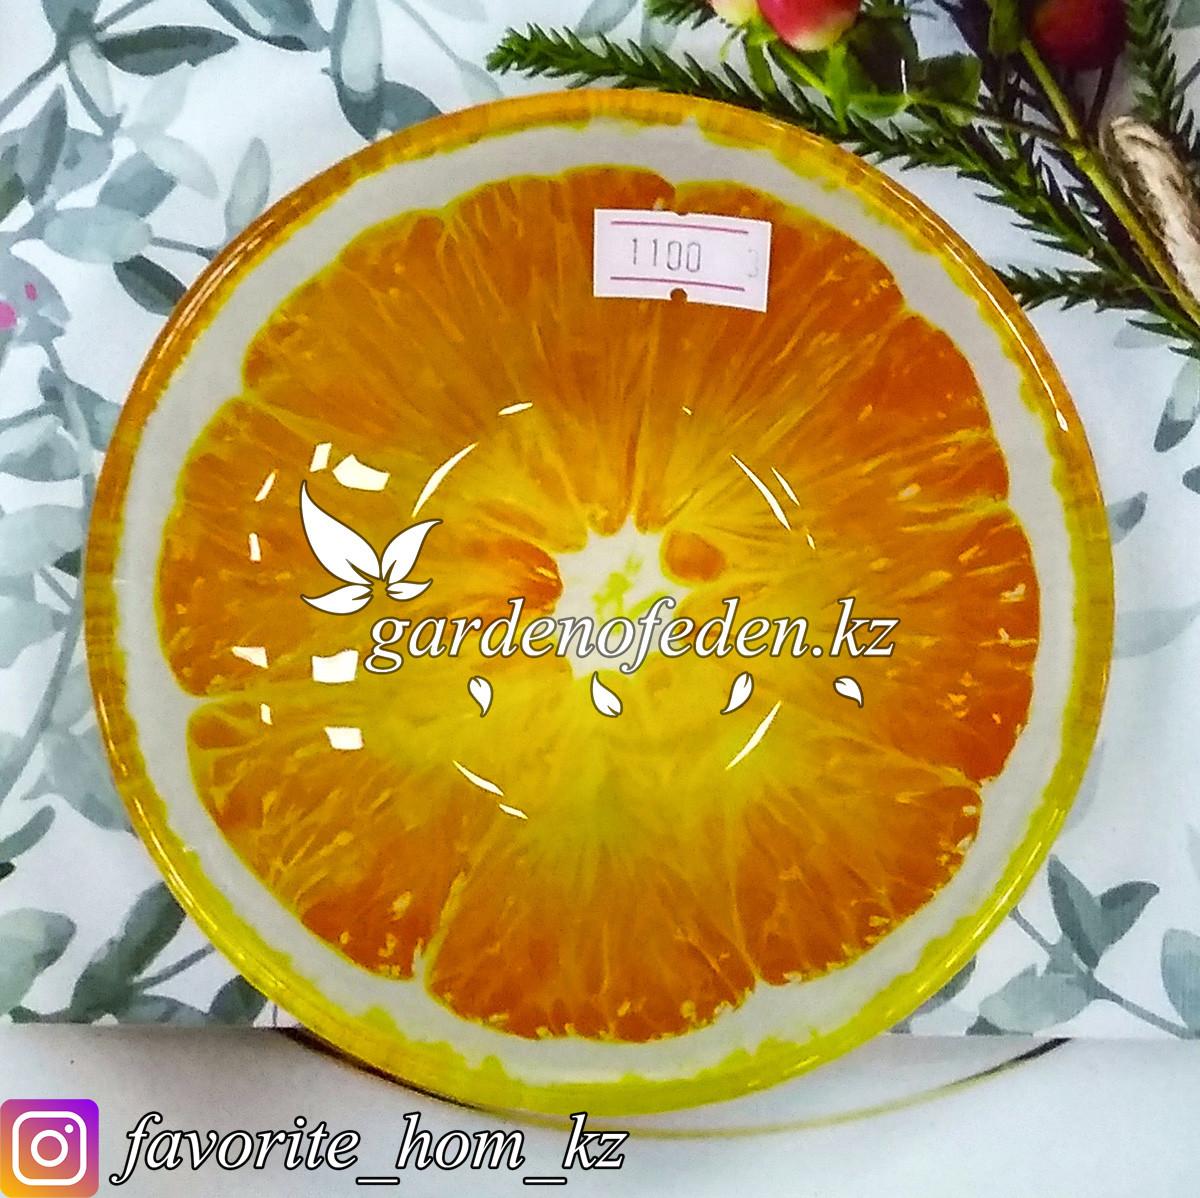 Блюдце стеклянное, с узором. Цвет: Оранжевый. Материал: Стекло.